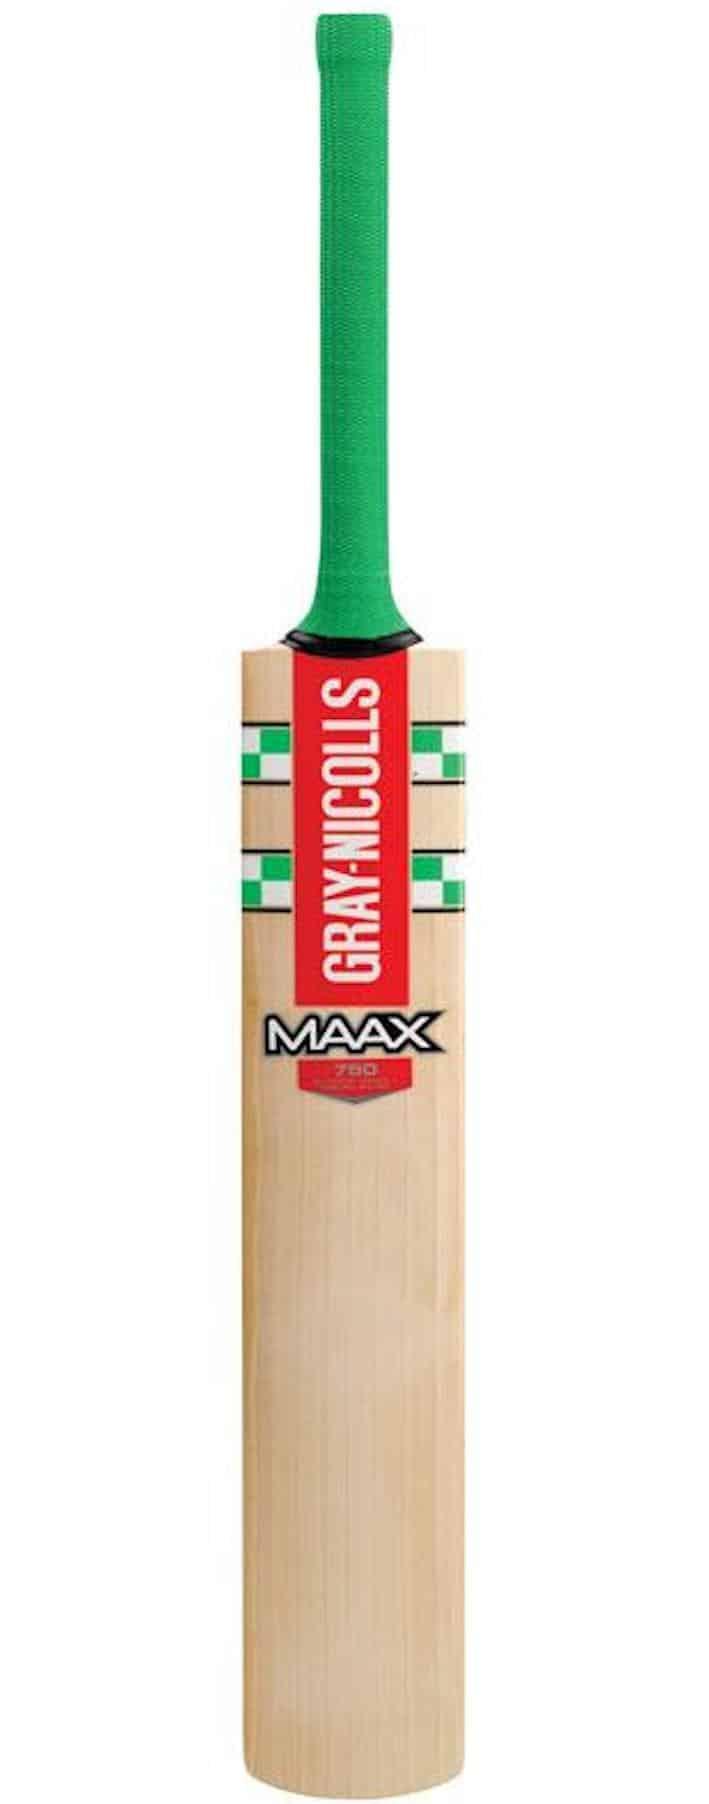 Gray Nicolls Maax 750 Cricket Bat face